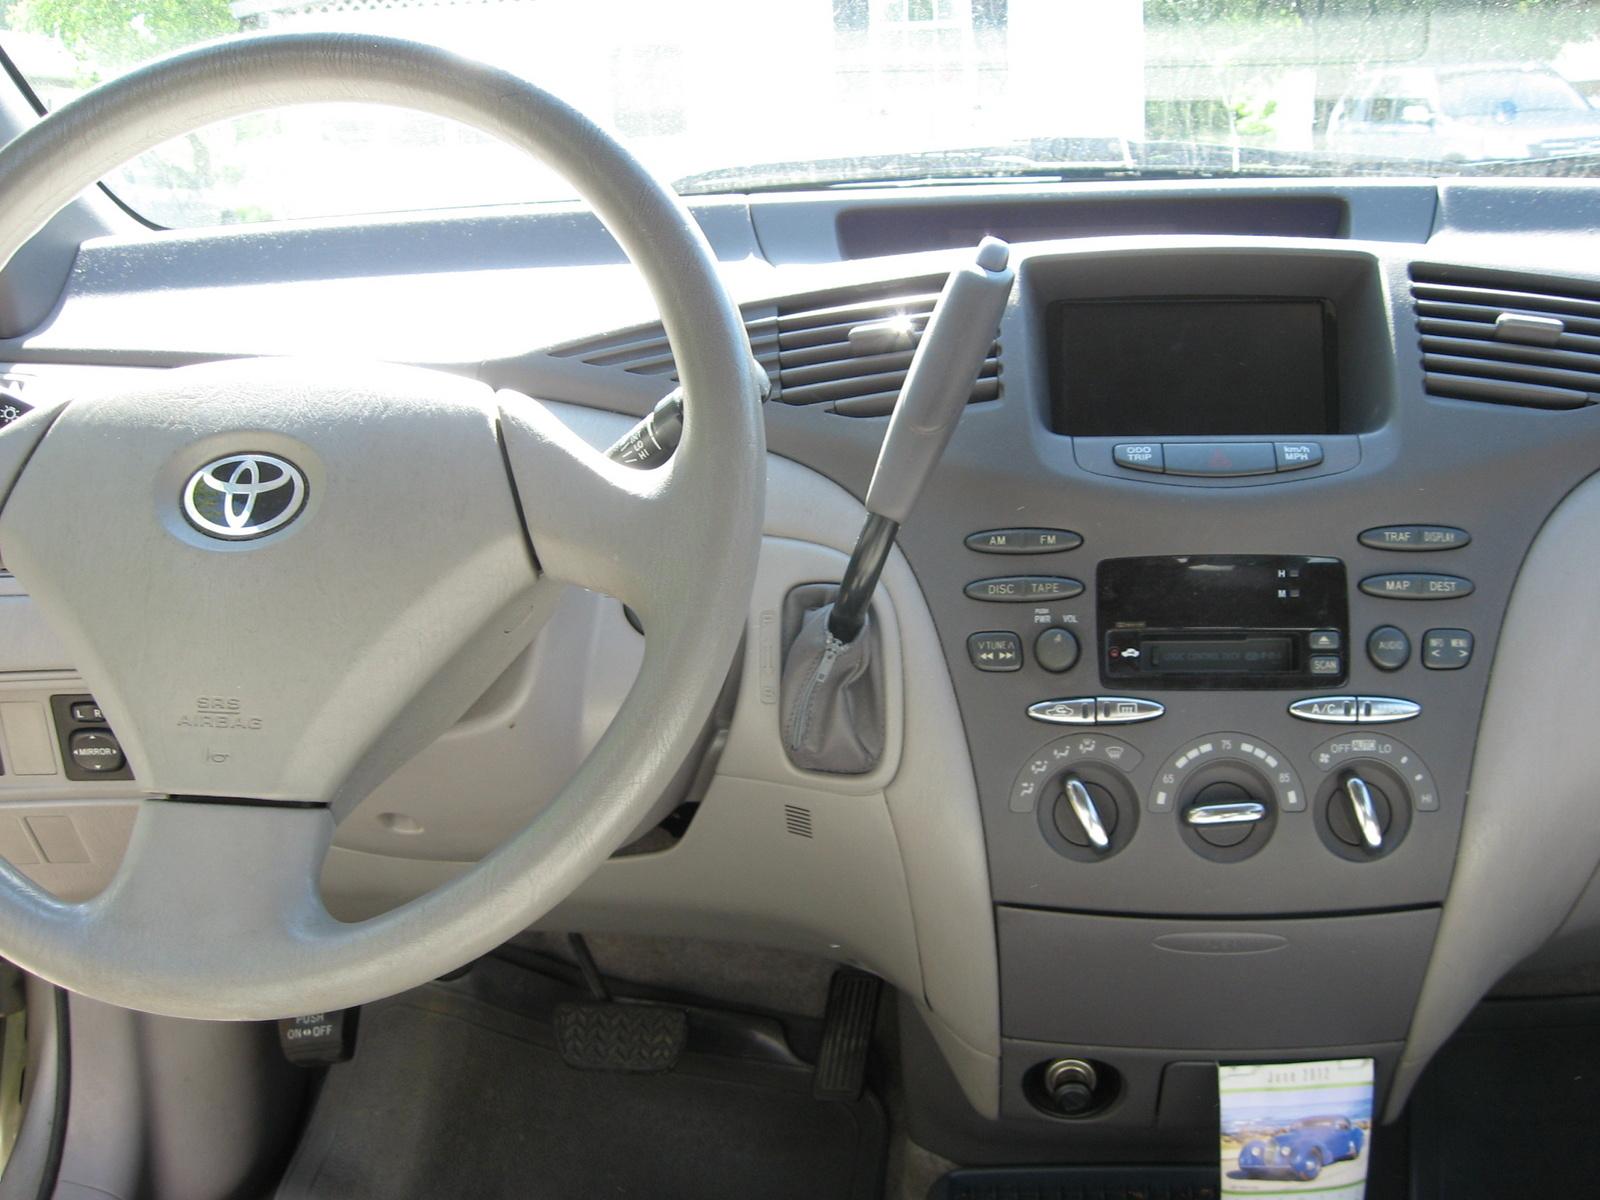 2002 Toyota Prius - Interior Pictures - CarGurus